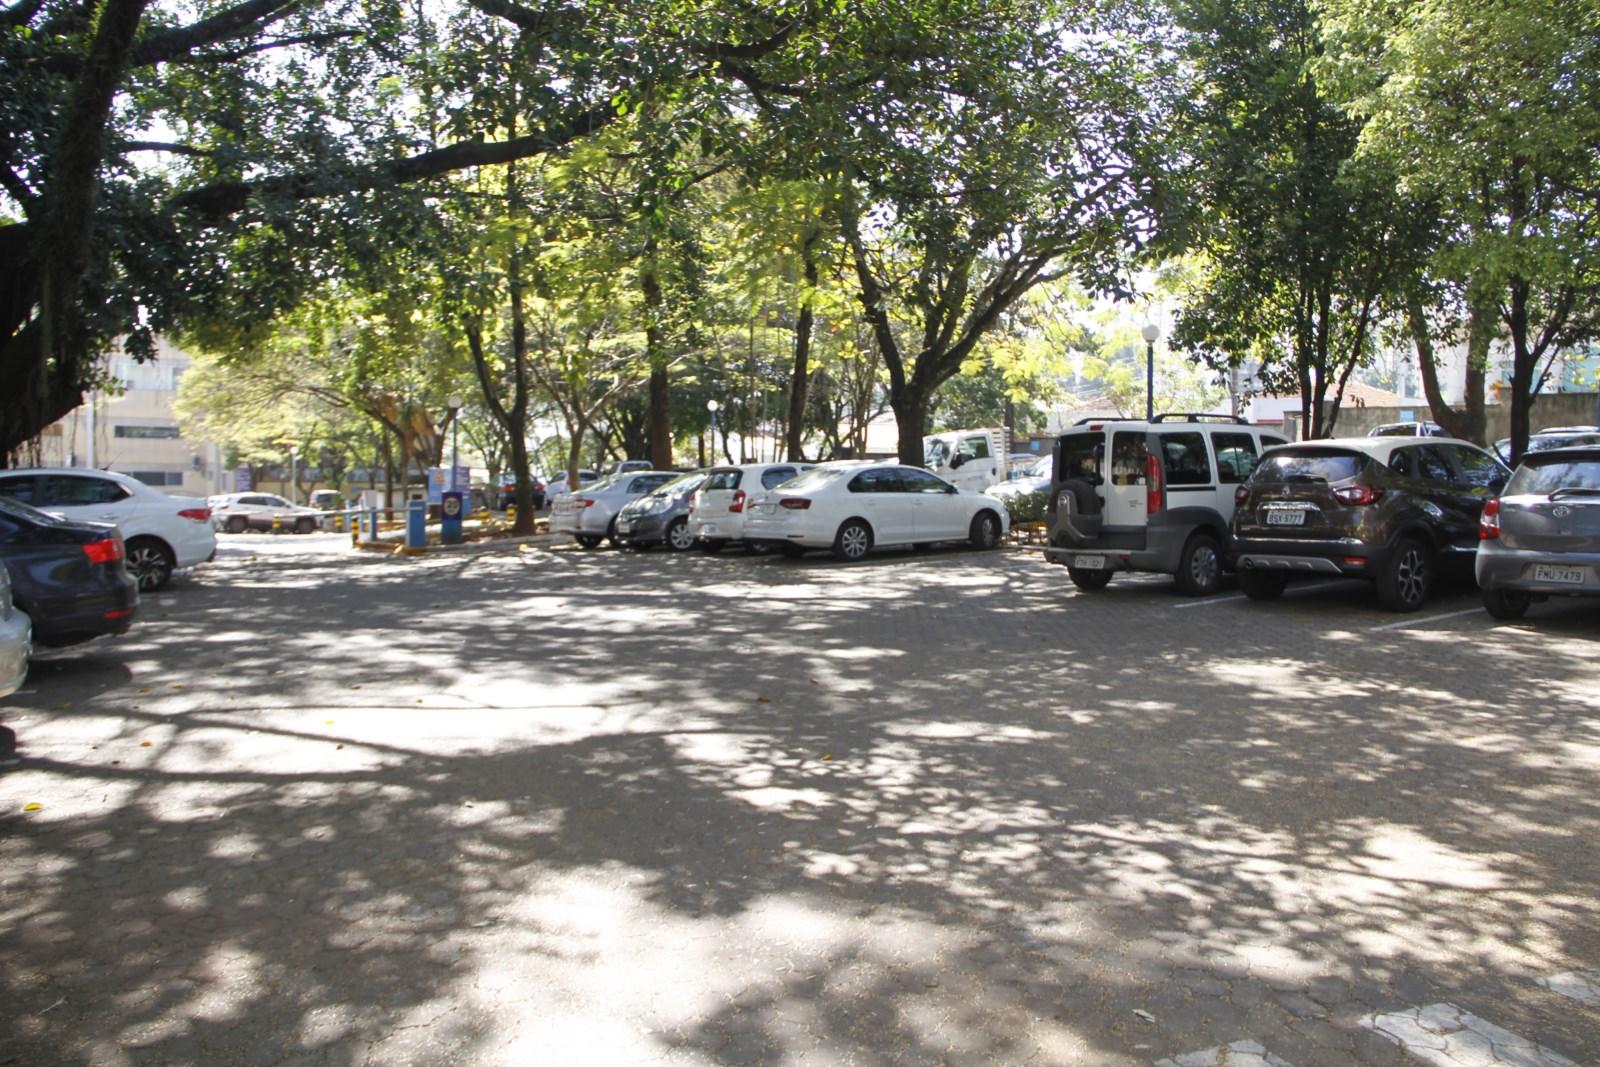 estacionamento - site